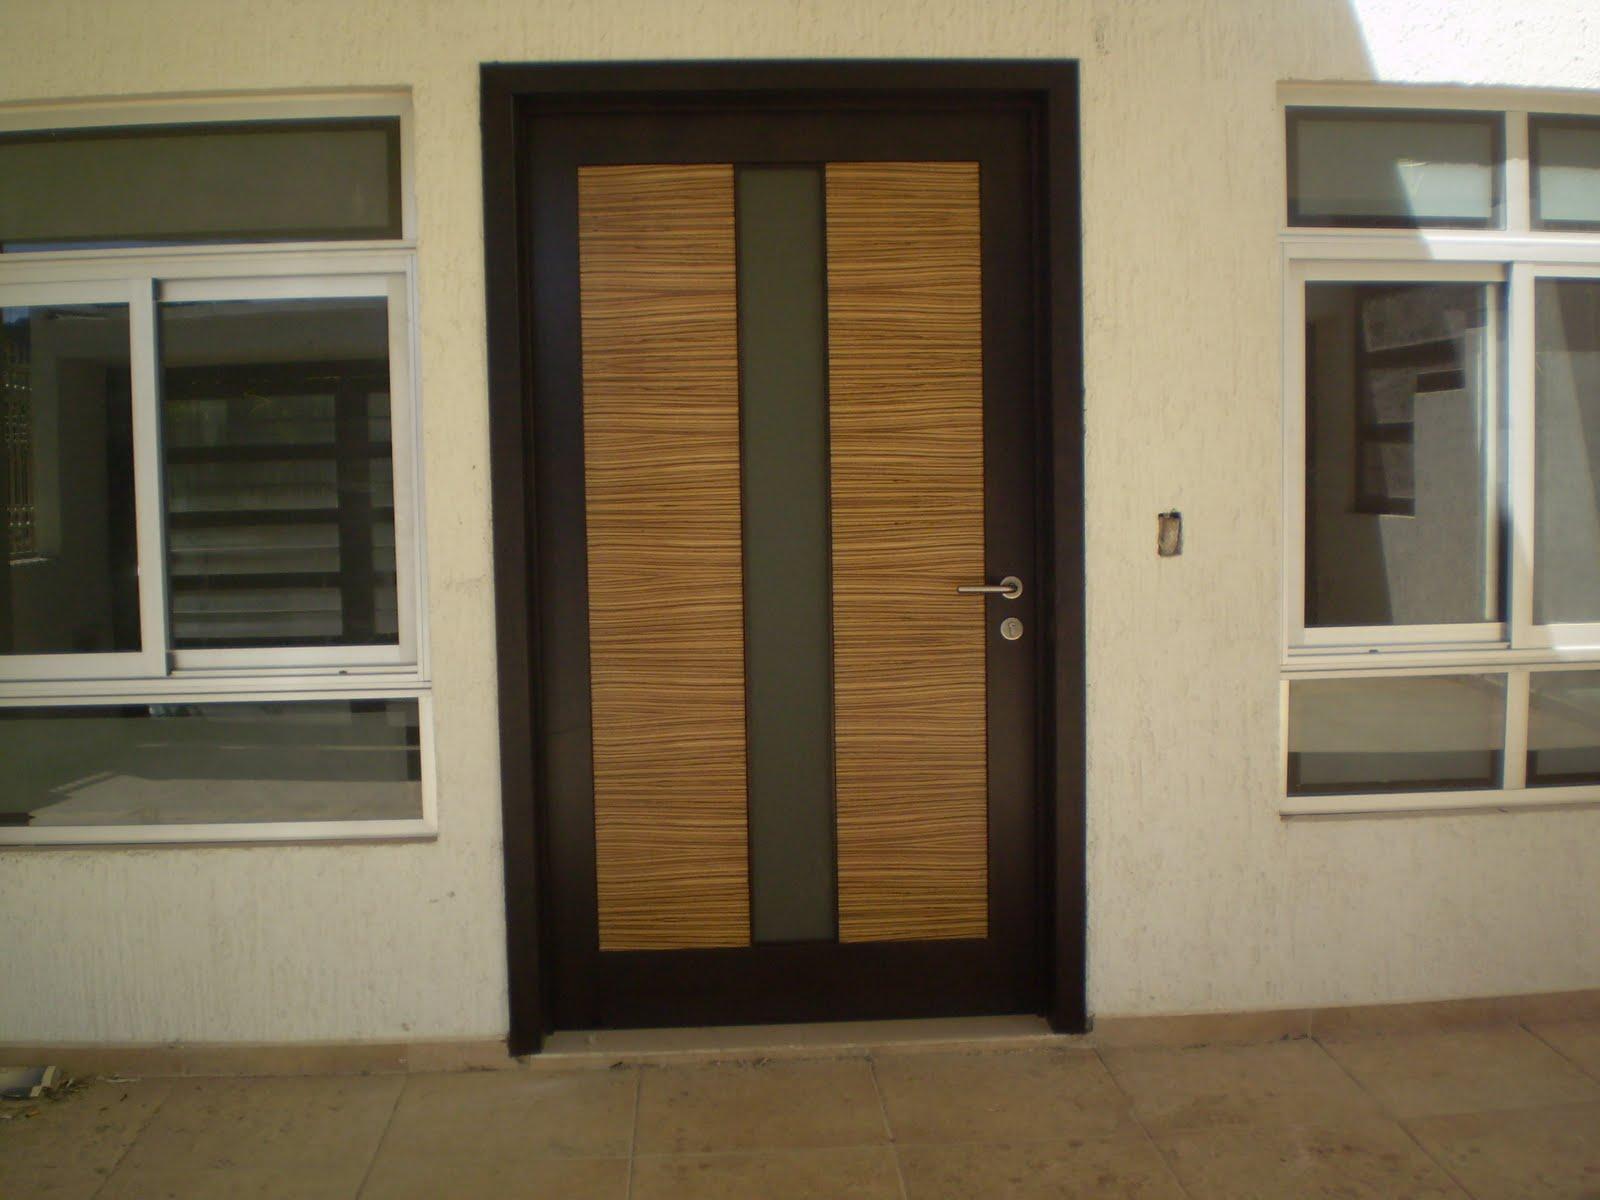 Cla design puerta de ingreso tableros en cebrano for Puertas de ingreso de madera modernas